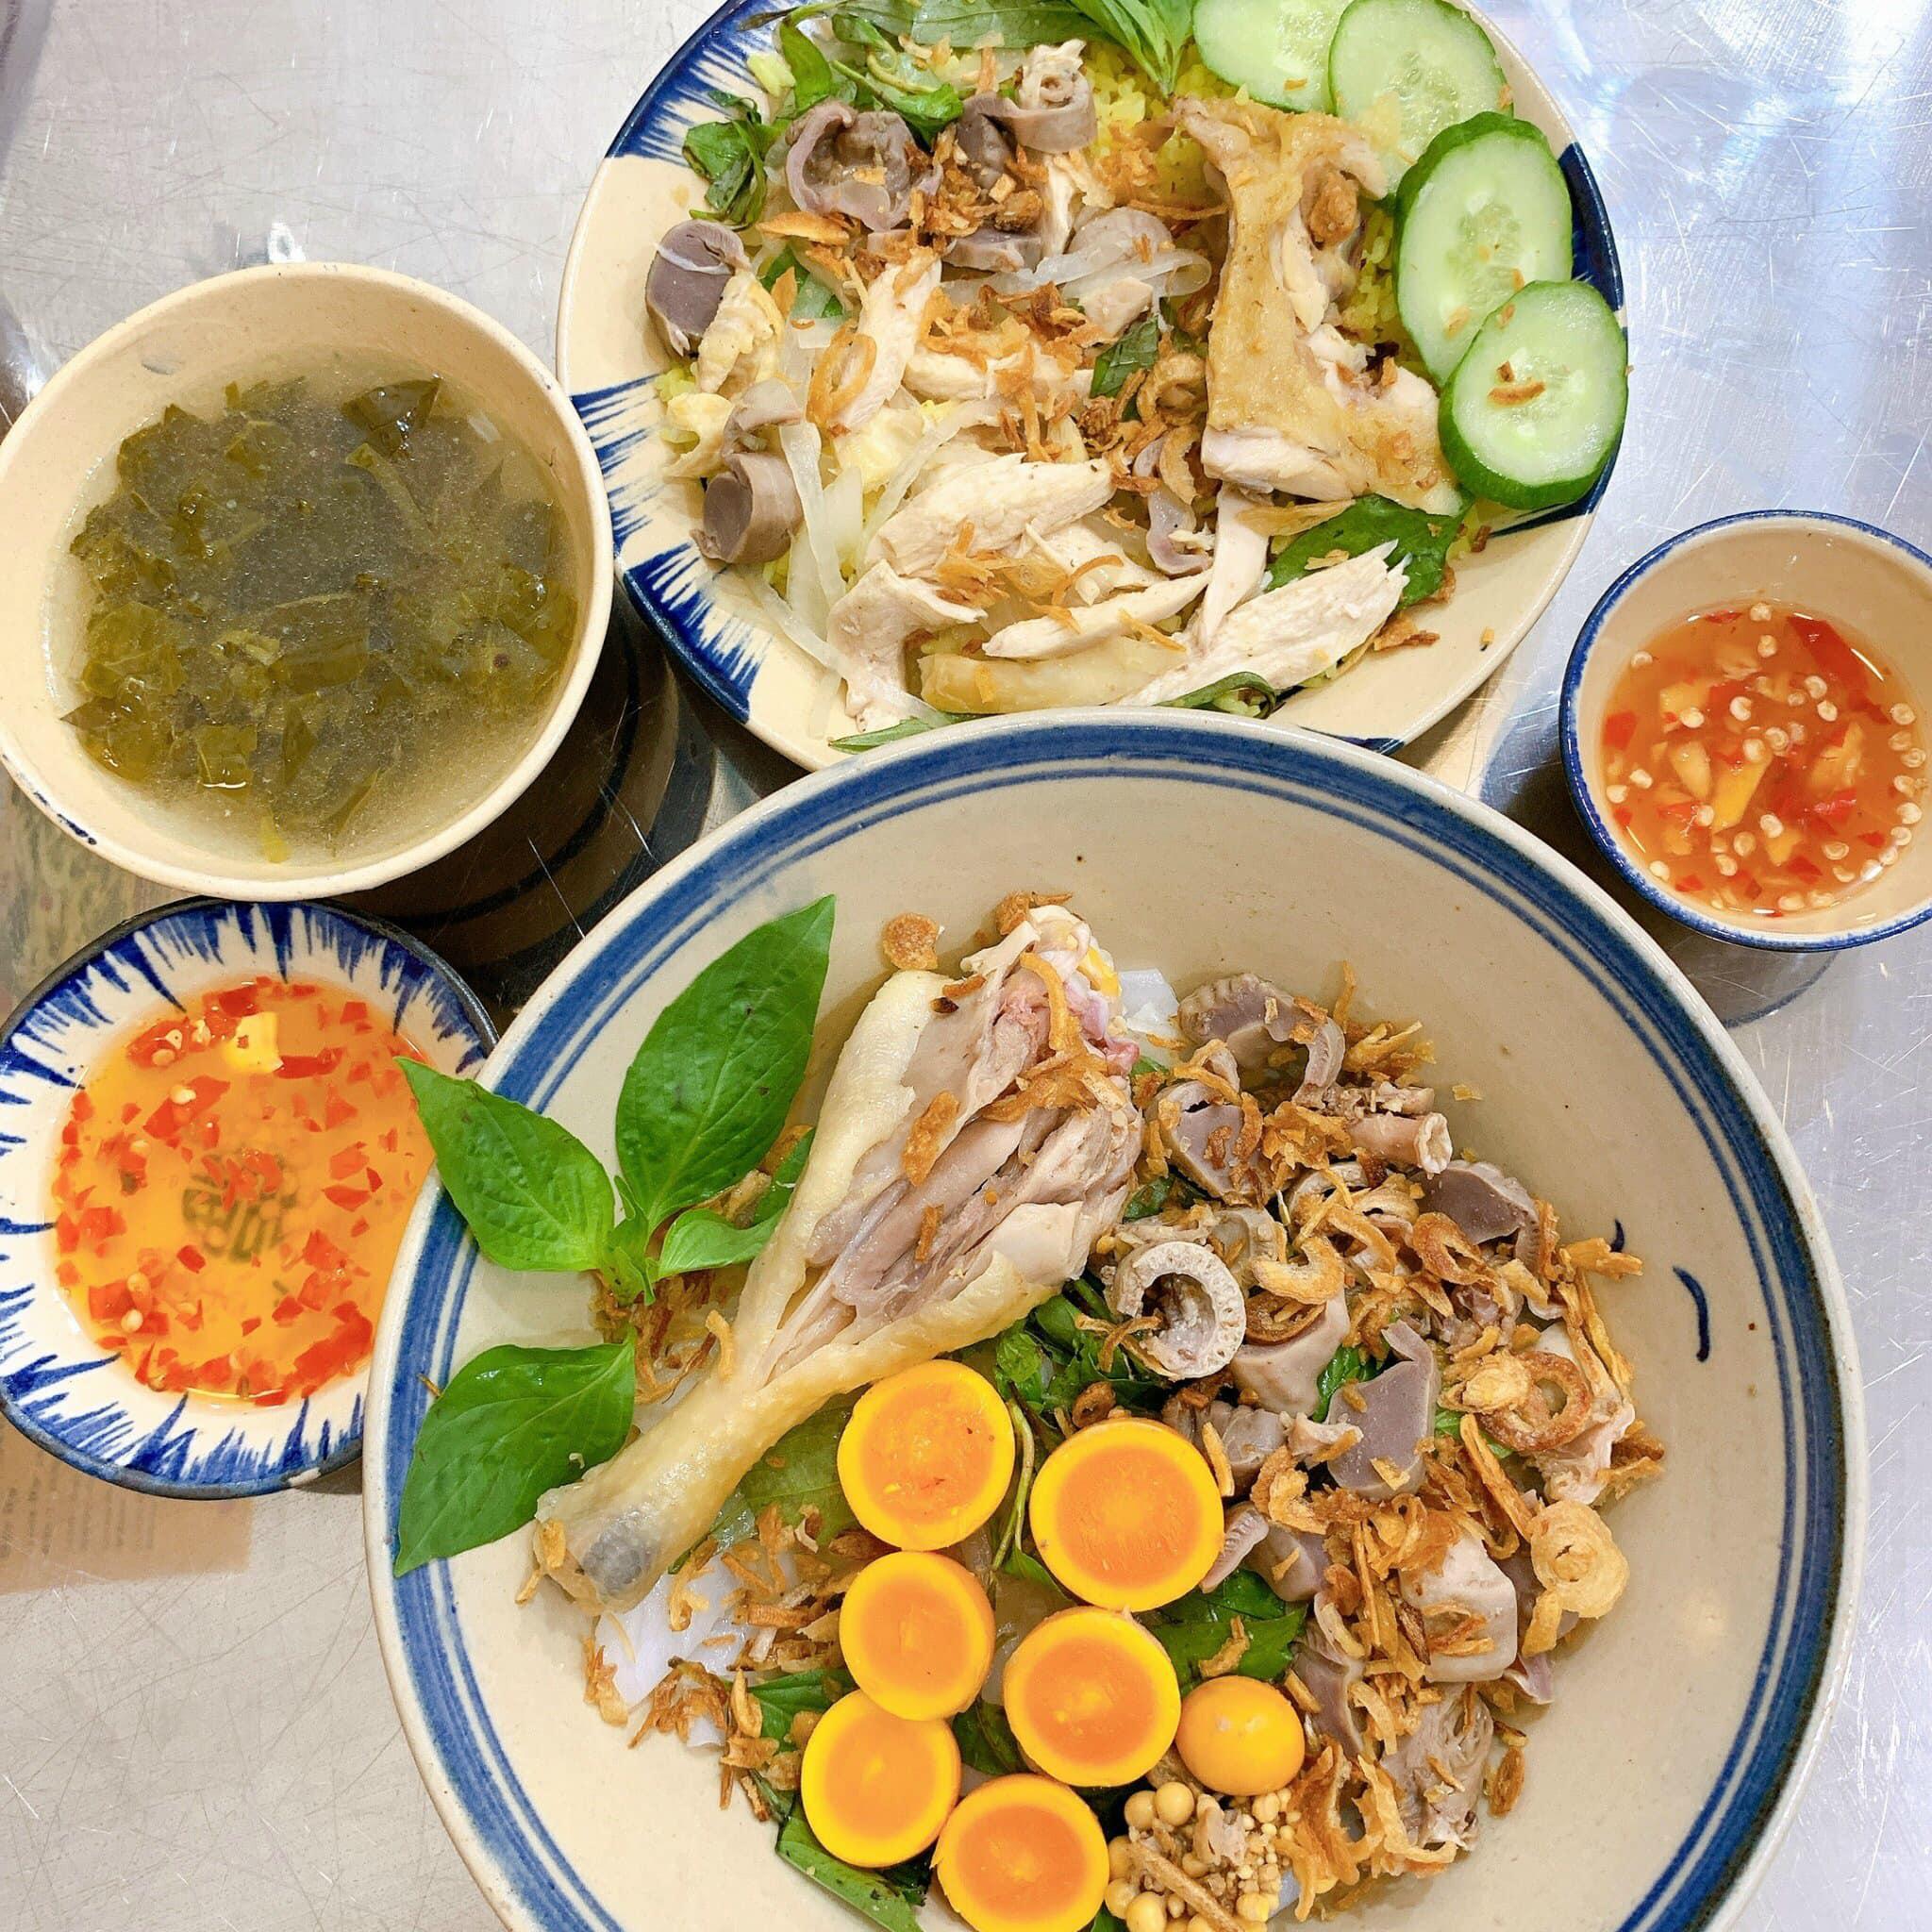 Quán ăn ngon Đà Lạt – Nên ăn trước khi rời Đà Lạt